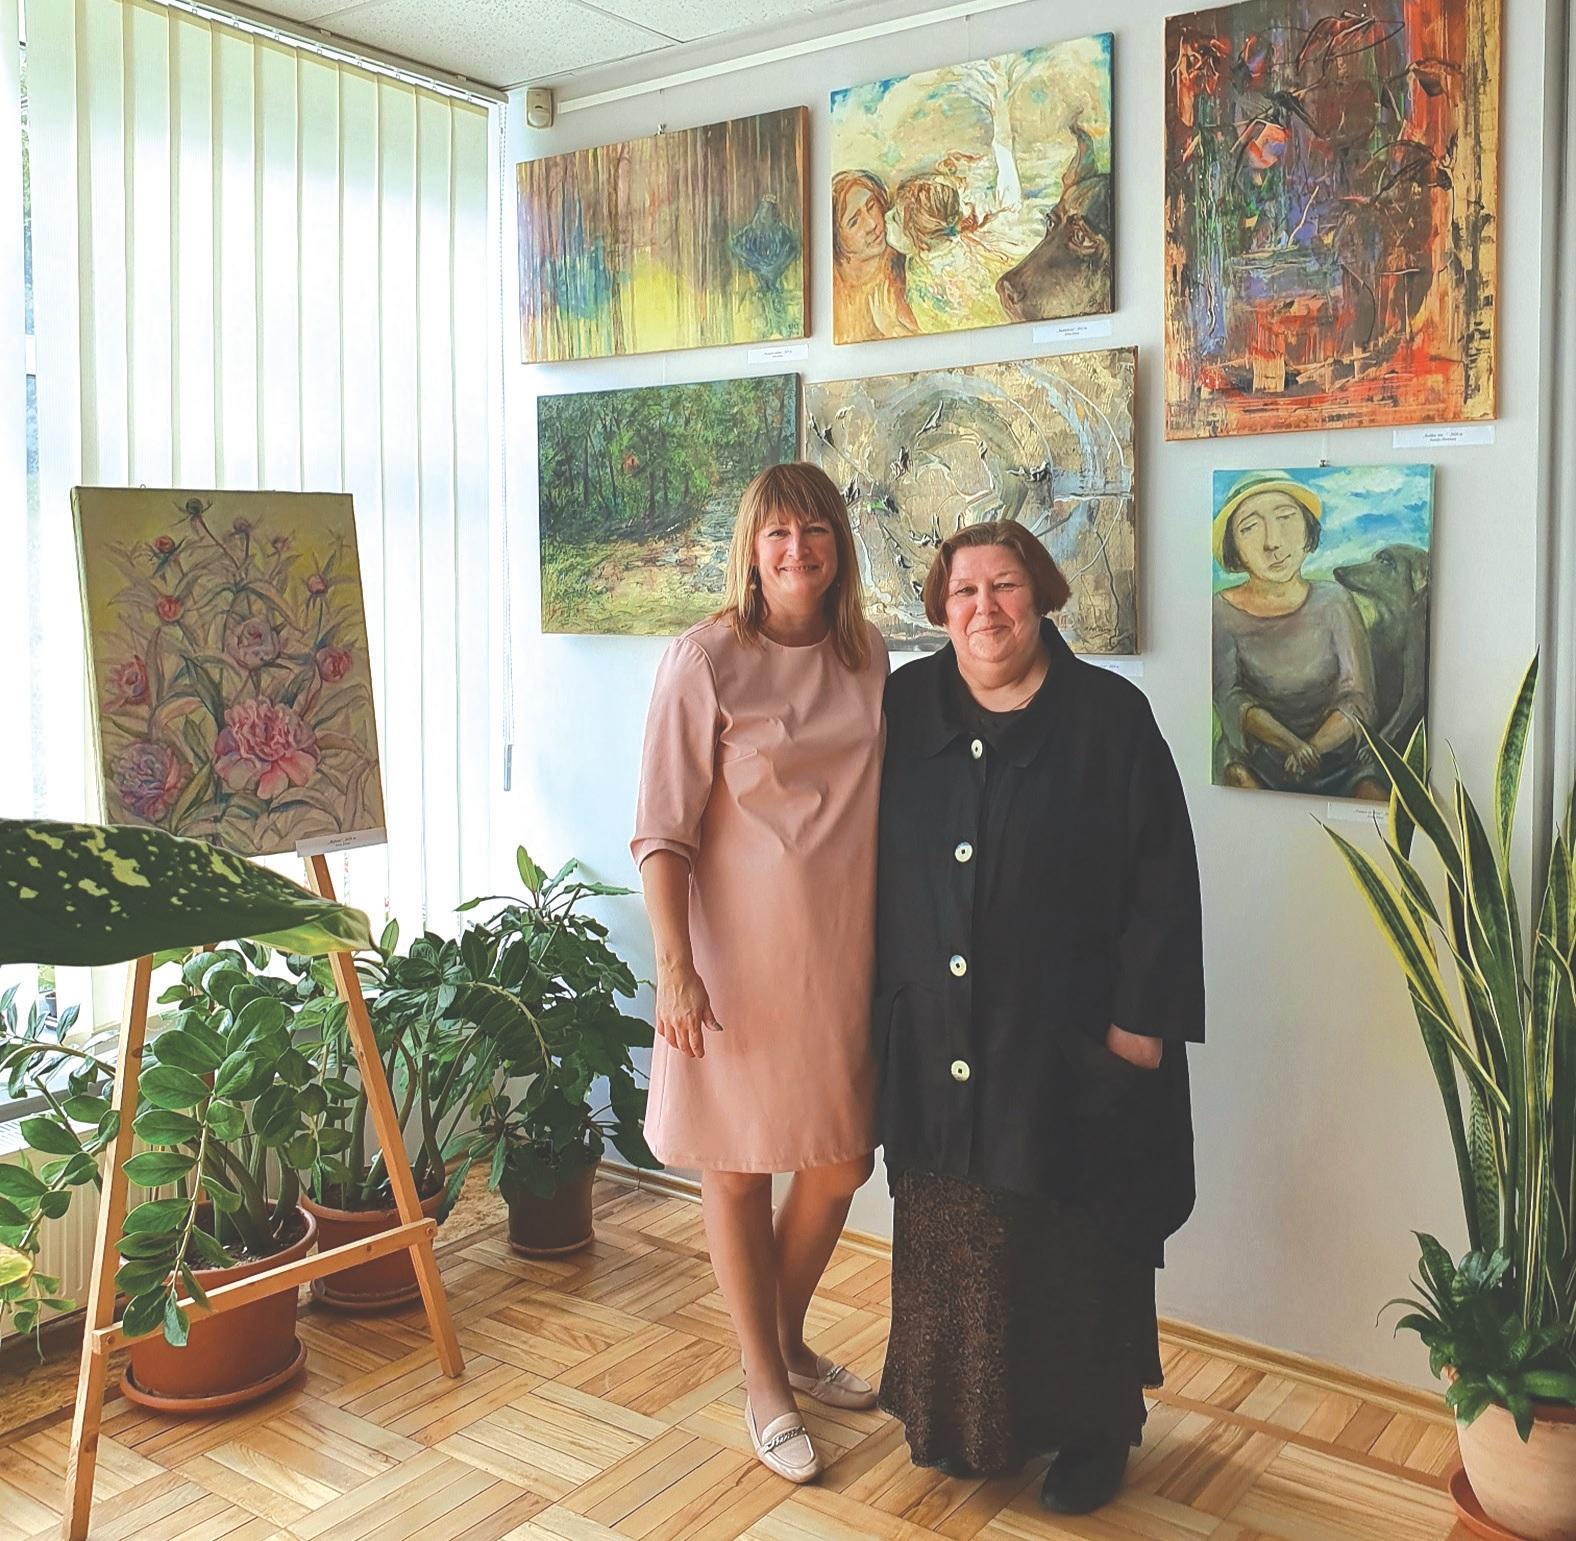 """Jei ne įžvalgioji mokytoja Irina Dima (dešinėje), kažin ar pašnekovė Natalja Donskaja būtų išdrįsusi į rankas paimti teptuką. """"Mokytoja I. Dima man labai daug davė. Būtent ji manyje išlaisvino kūrėją"""", – atskleidžia talentingoji kraštietė./Asmeninio archyvo nuotr."""